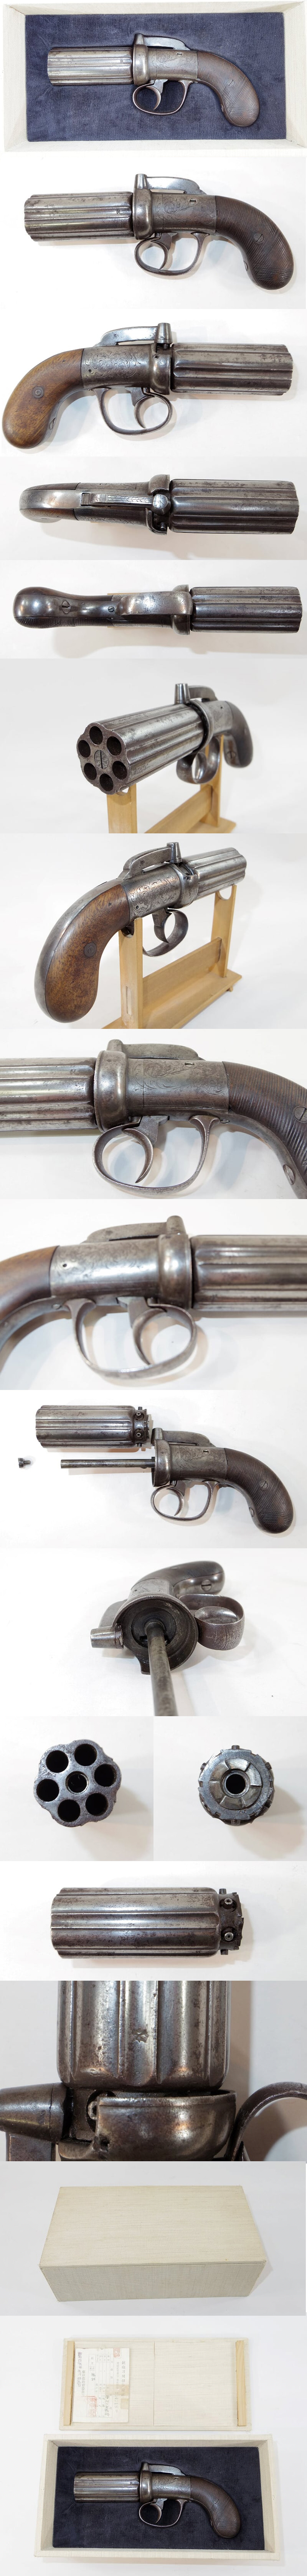 ジャクソン ペッパーボックス バーハンマー 6連発管打銃  (バーミンガムのプルーフマーク)各部分画像